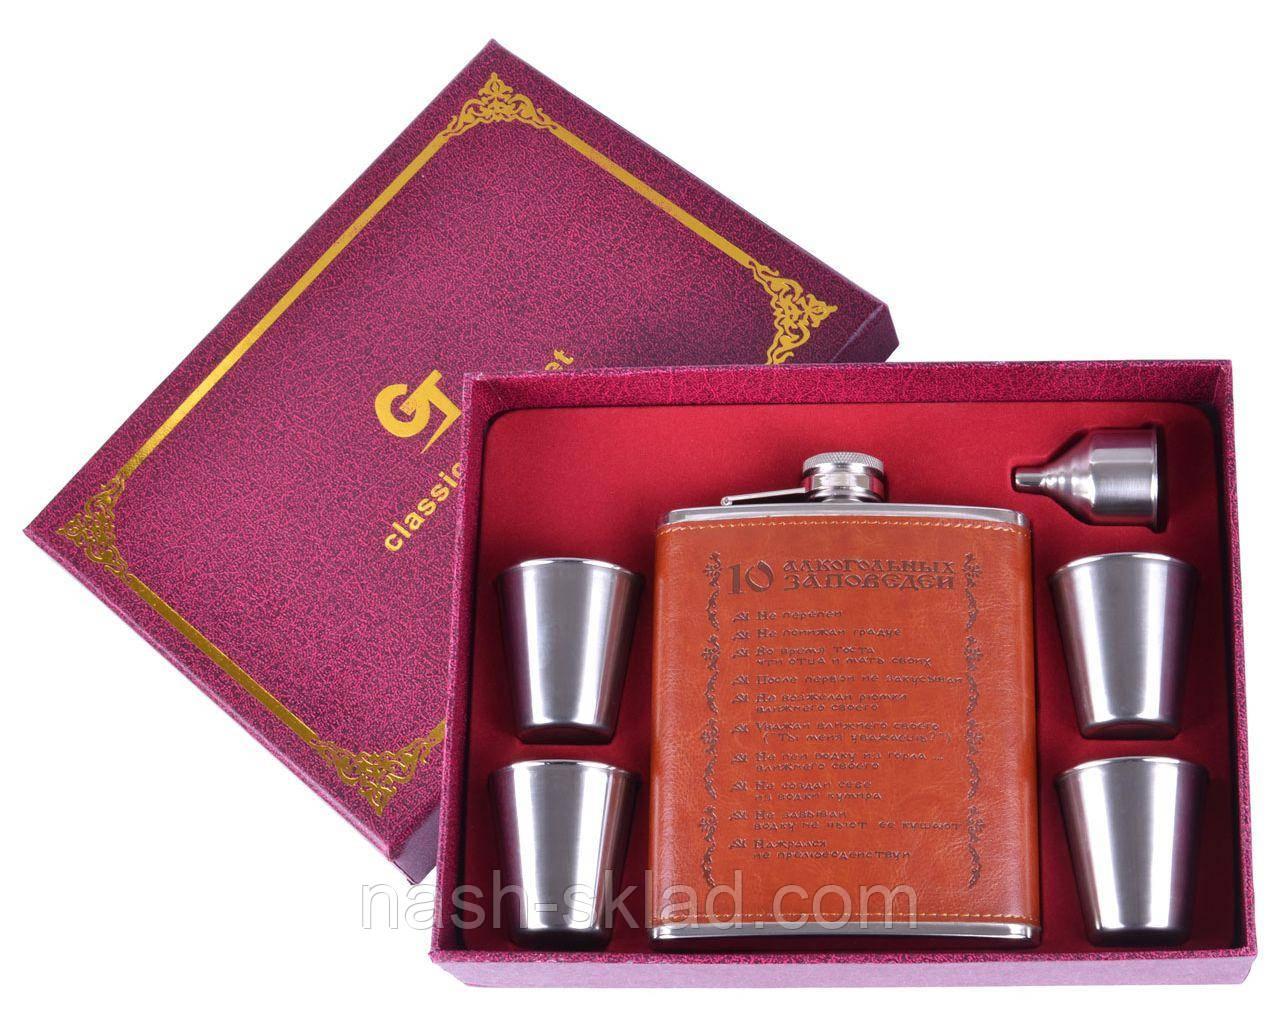 Подарочный набор Фляга 6в1 Алкогольные заповеди